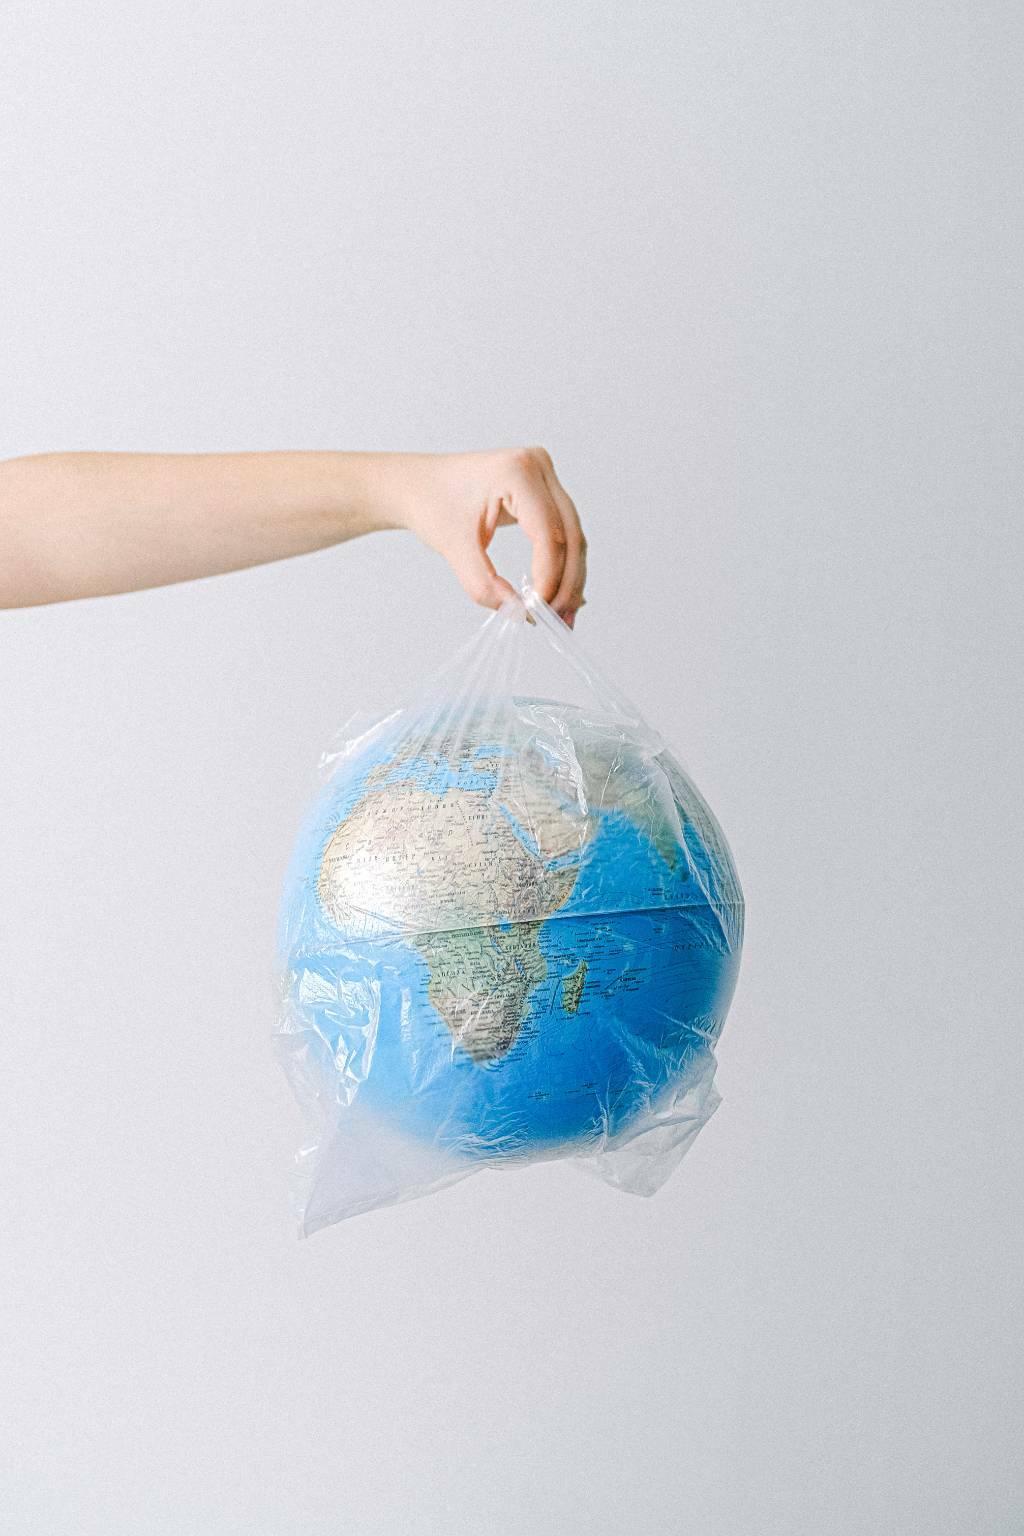 Oggi è la Giornata Internazionale senza sacchetti di plastica